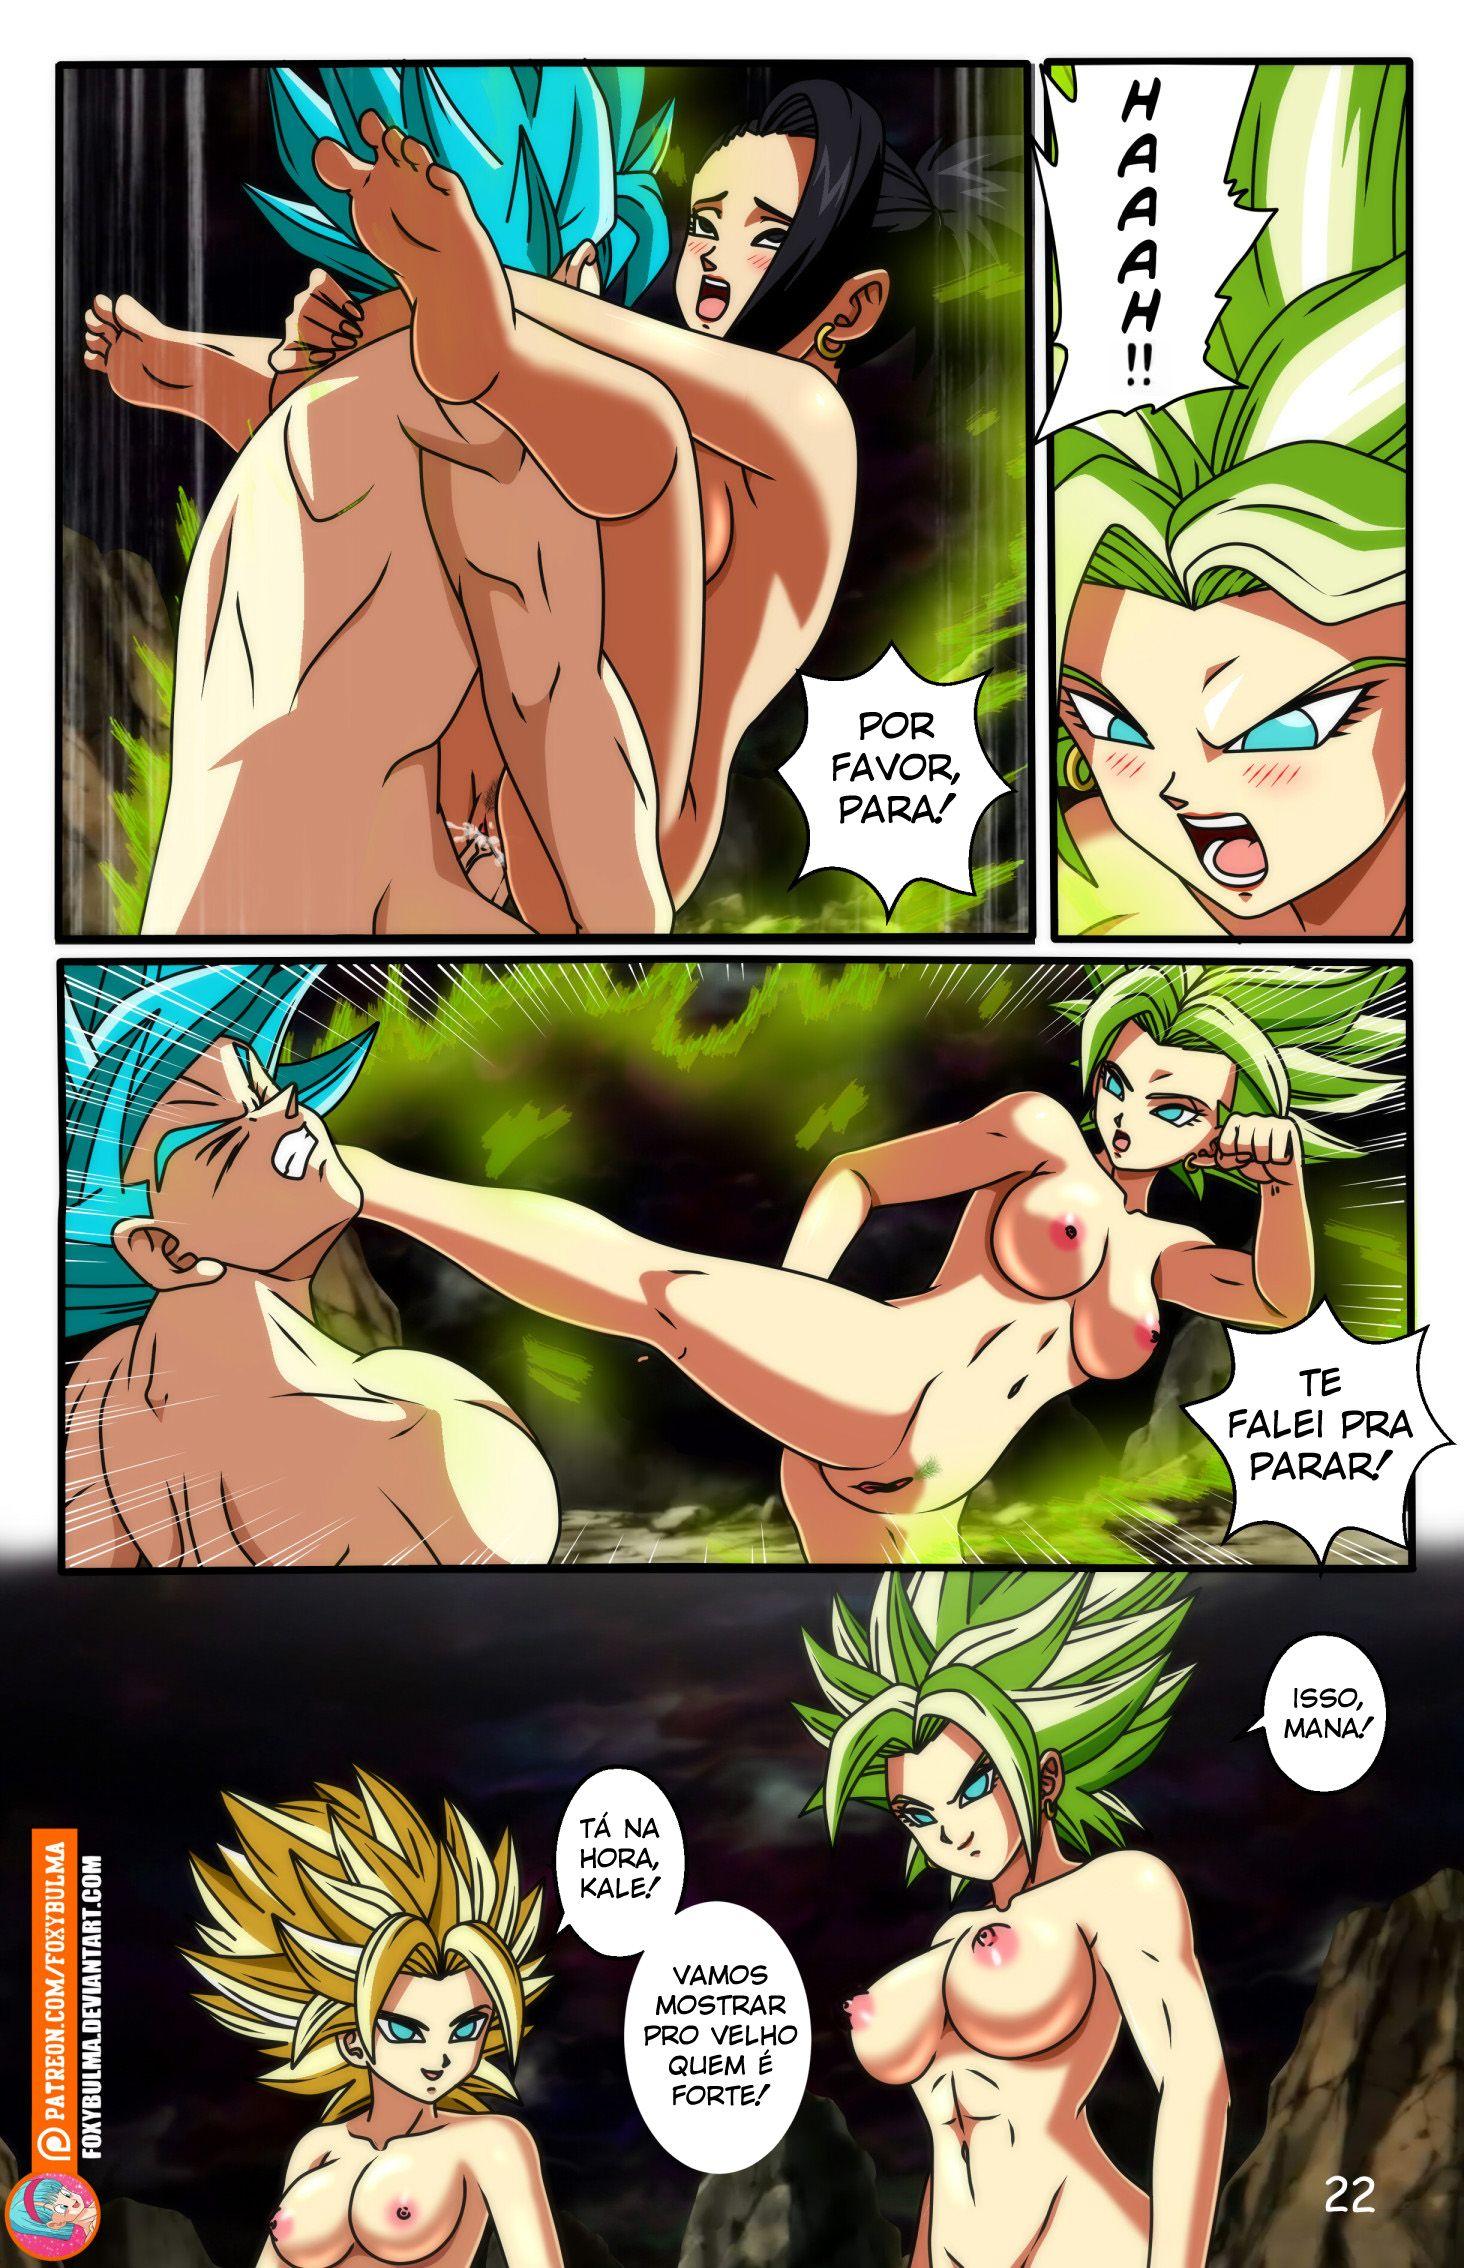 Dragon Ball Super Hentai - Goku dando uma gozada - Foto 22